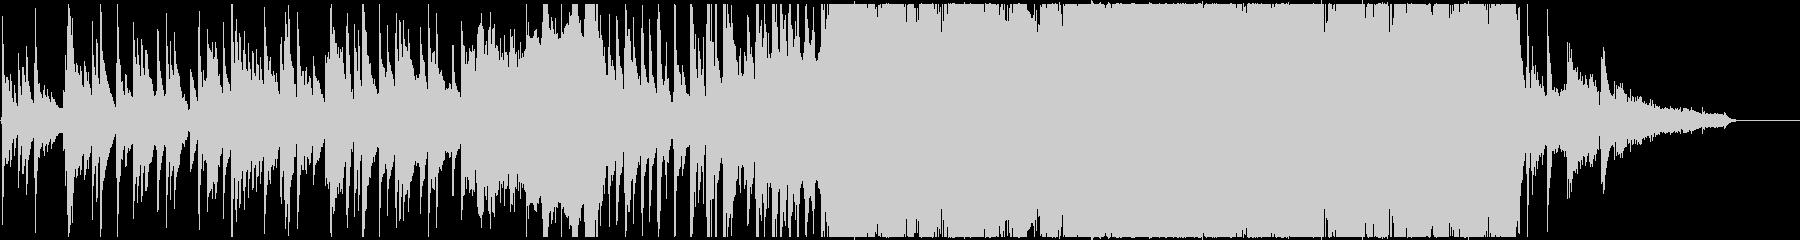 琴を中心としたドラマティックな和装の曲の未再生の波形